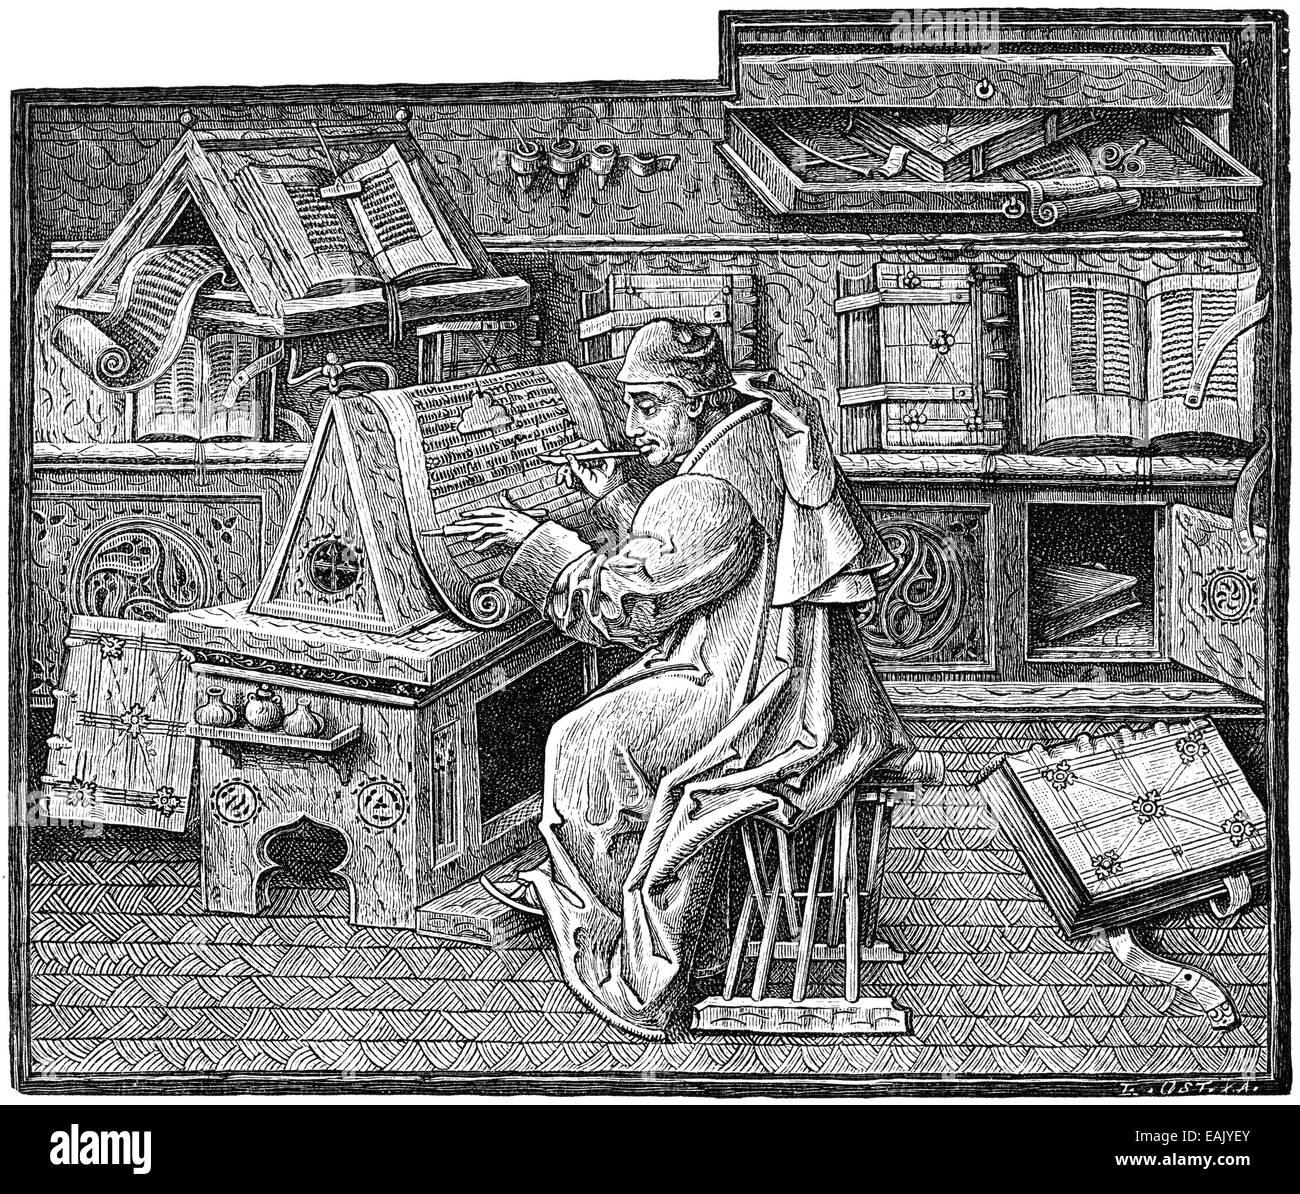 illustration of a scholar in the study, 15th century, Zeichnung eines Gelehrten im Arbeitszimmer, 15. Jahrhundert - Stock Image